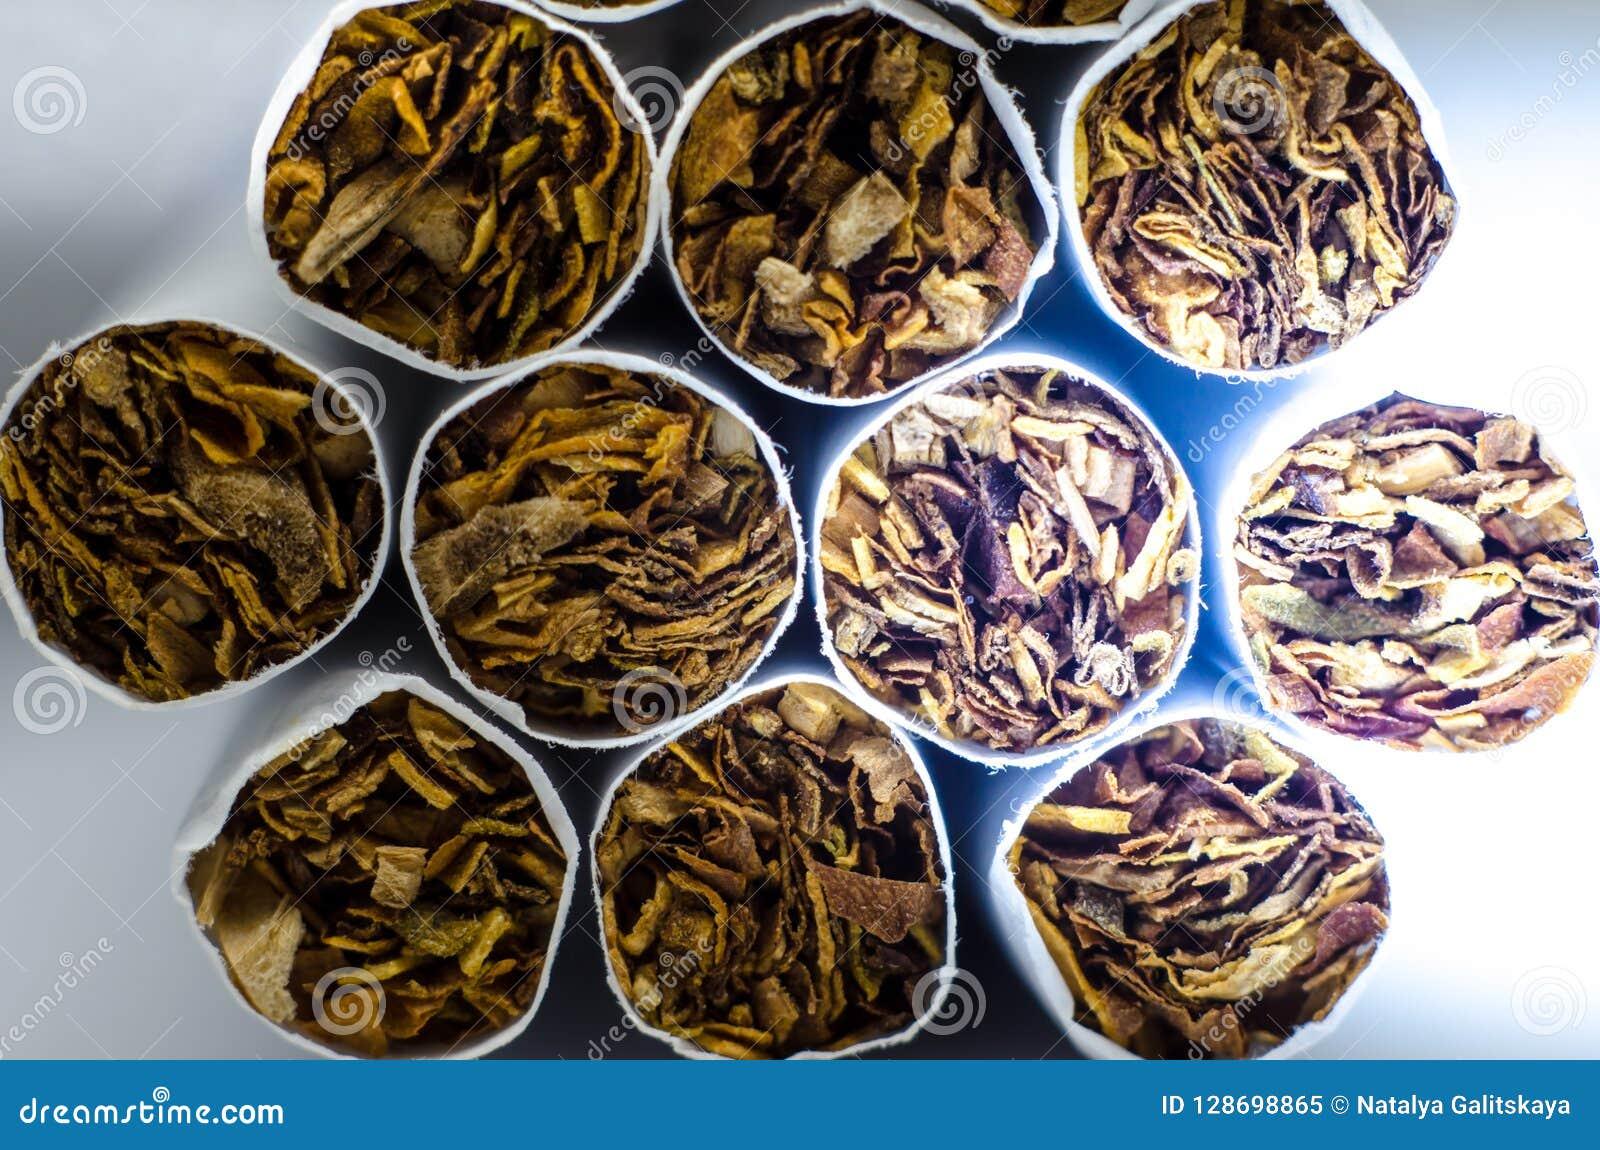 Sigarette bianche Lato del tabacco Cenni storici a macroistruzione